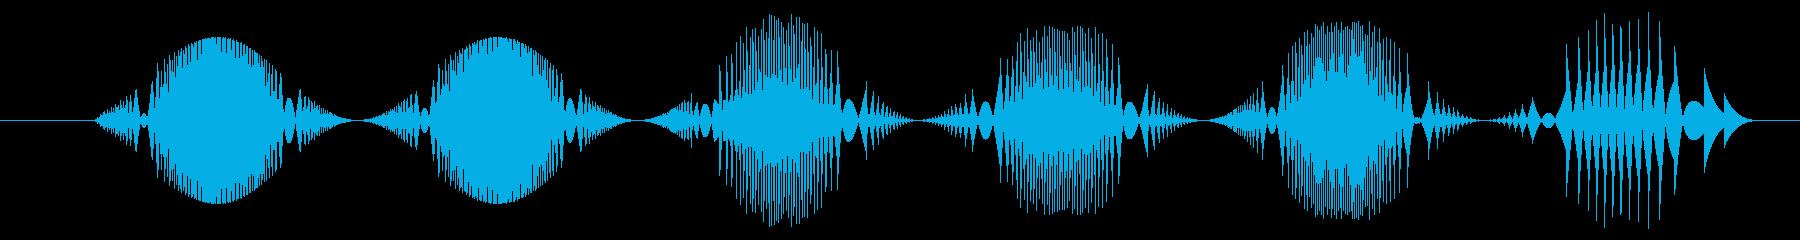 FX アーケードゲーム01の再生済みの波形